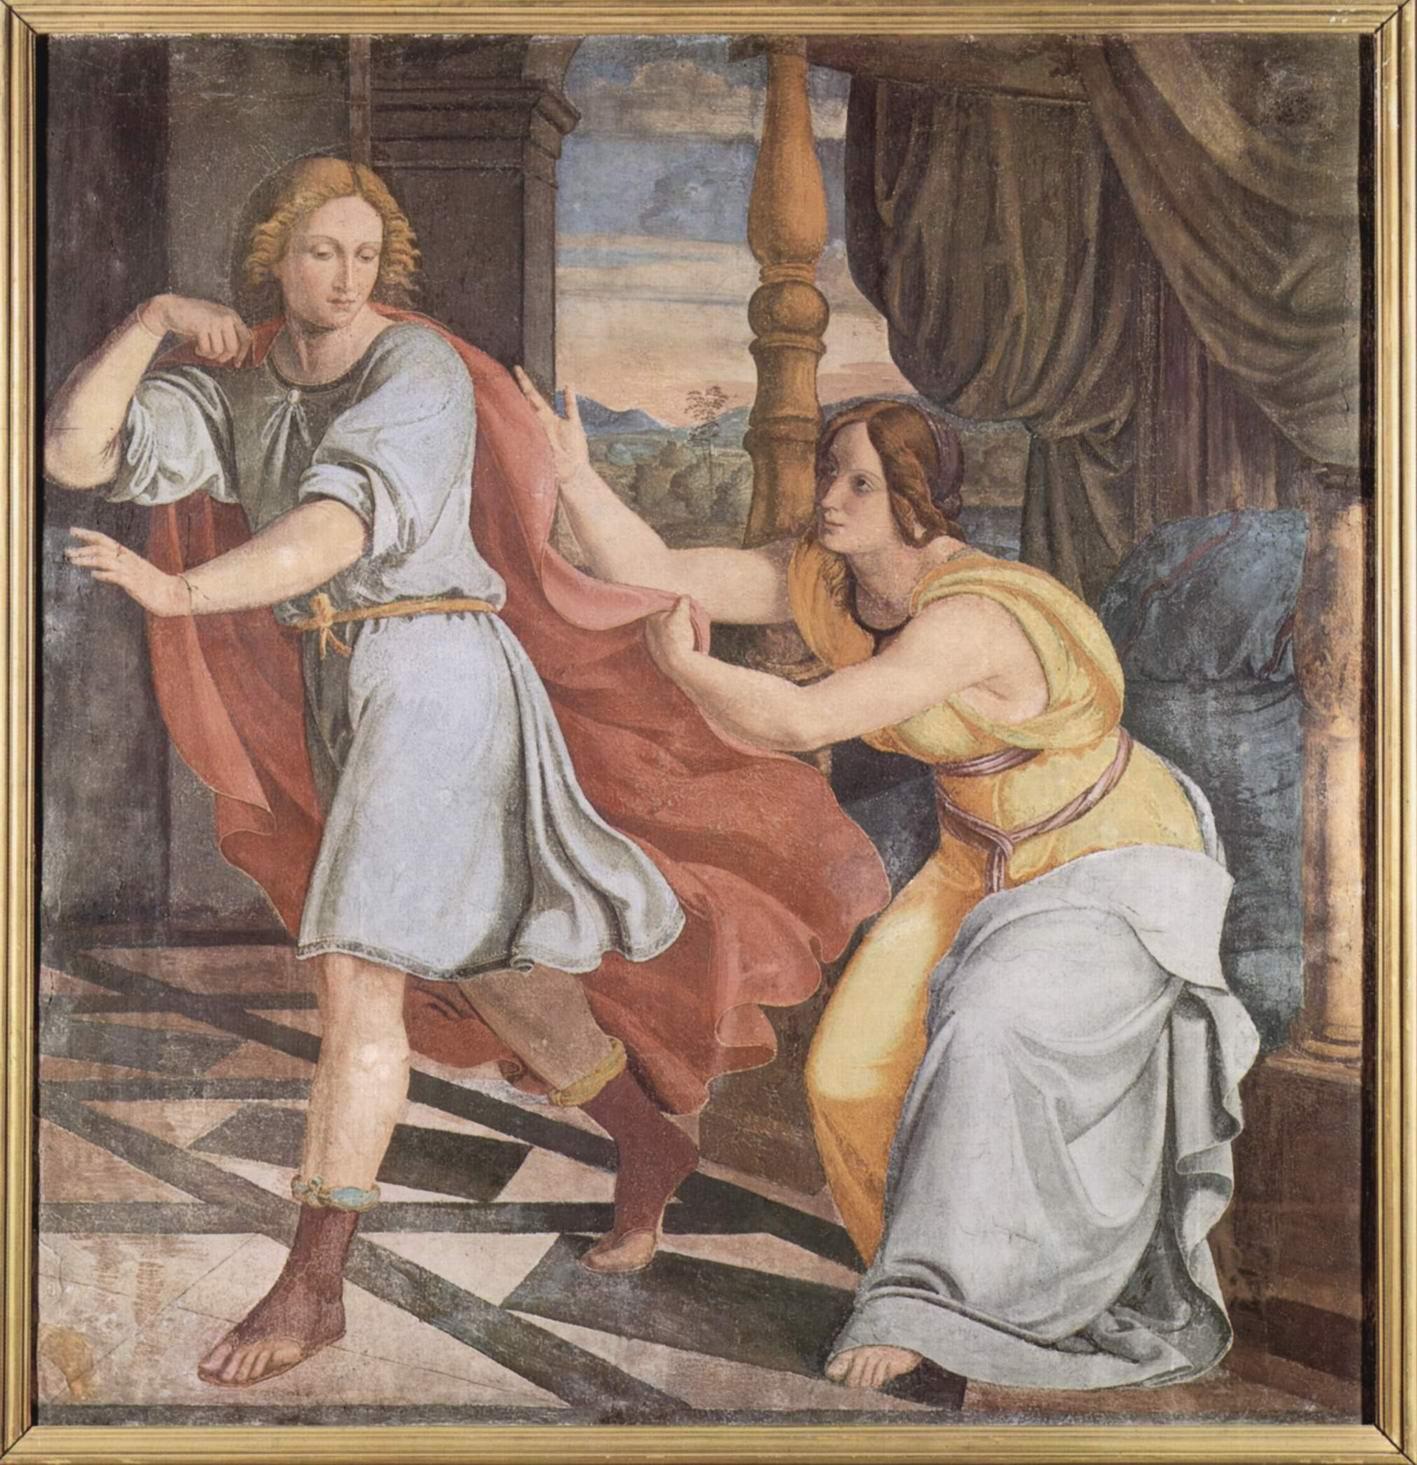 Цикл фресок в Каза Бартольди (Рим). Иосиф и жена Потифара, Филипп Вайт